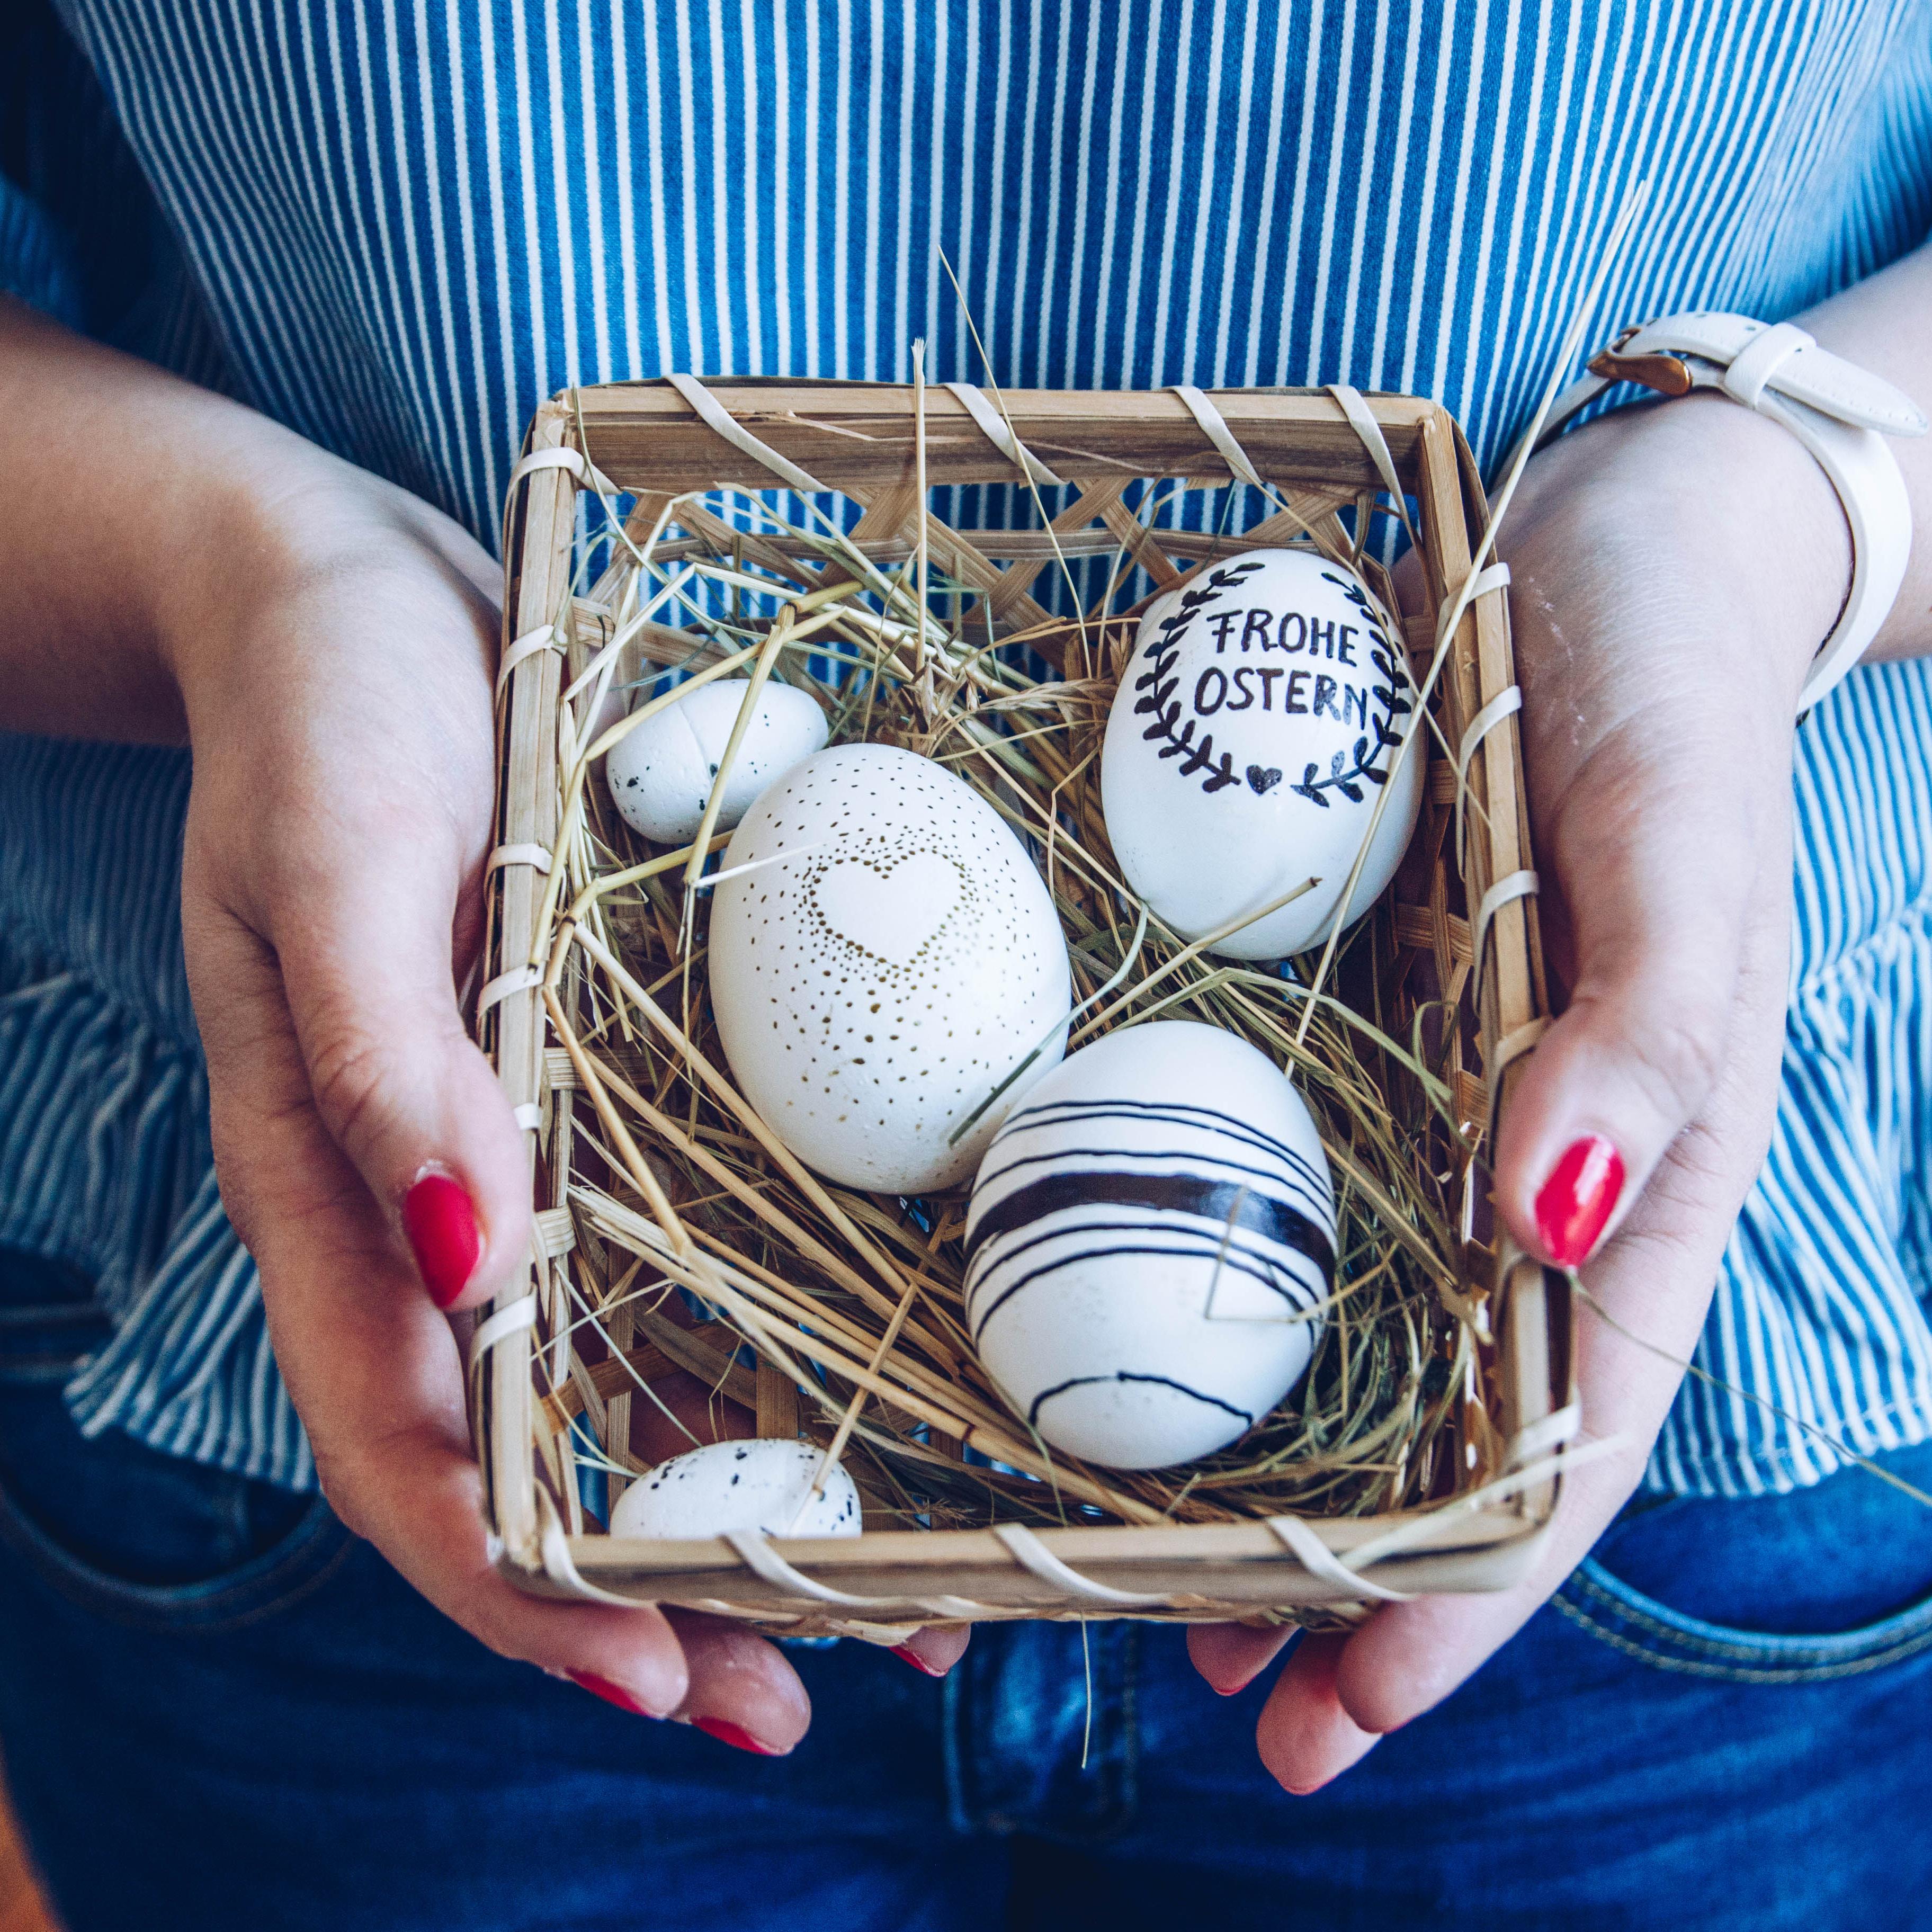 Ostereier Gestalten diy ostereier gestalten bemalen färben bepflanzen zimmerzucker